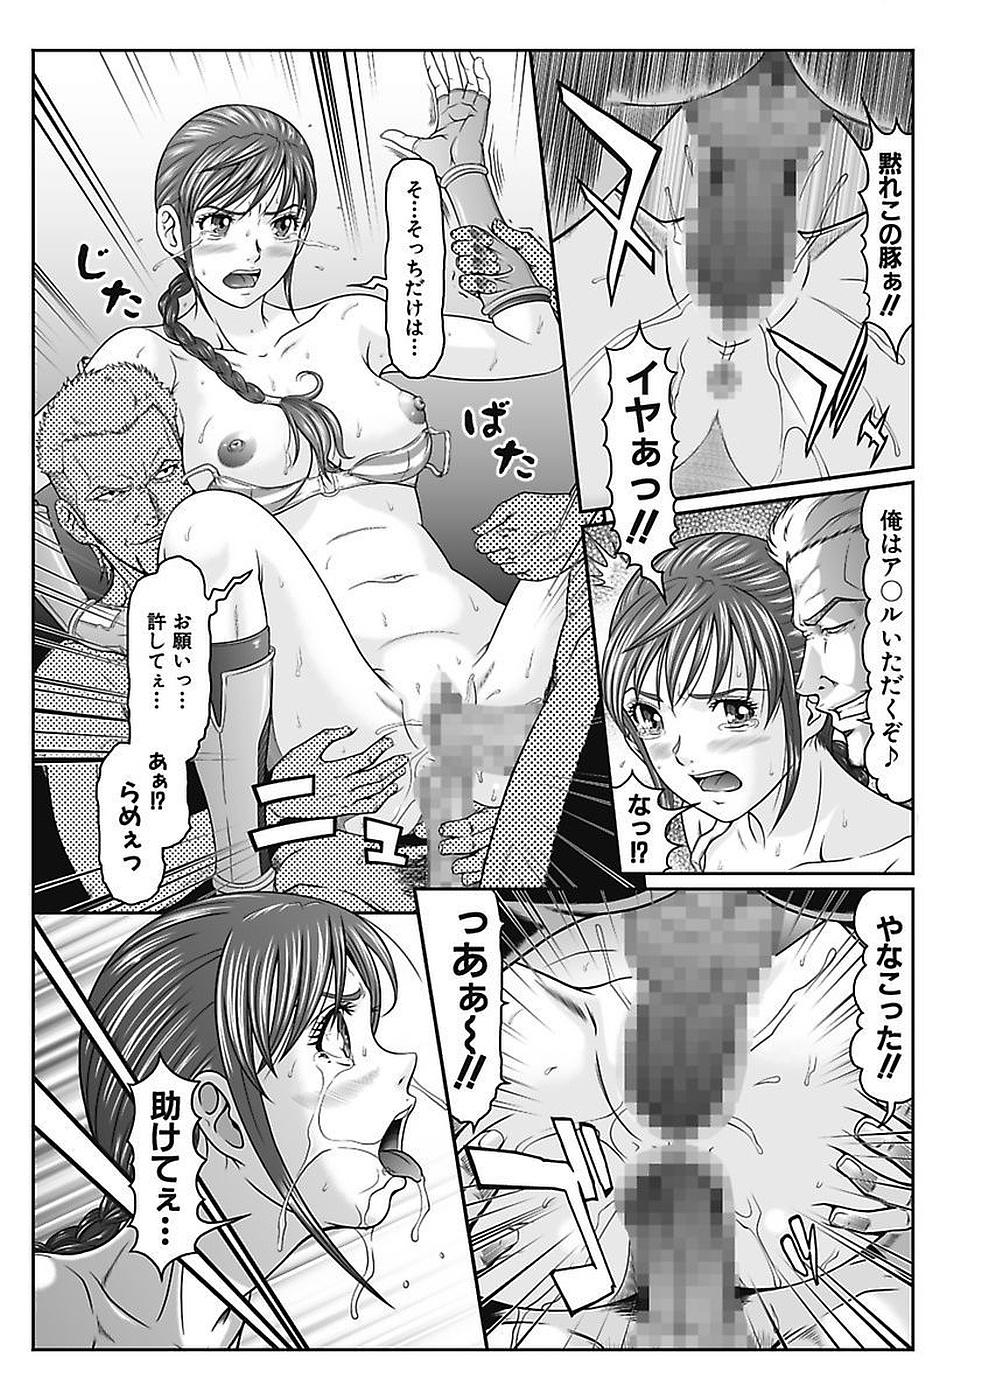 [Kurono Masakado] Dengeki Zecchou! Hihoujima ~Chikyuu no Oku ni Sasowarete~ Joukan 2